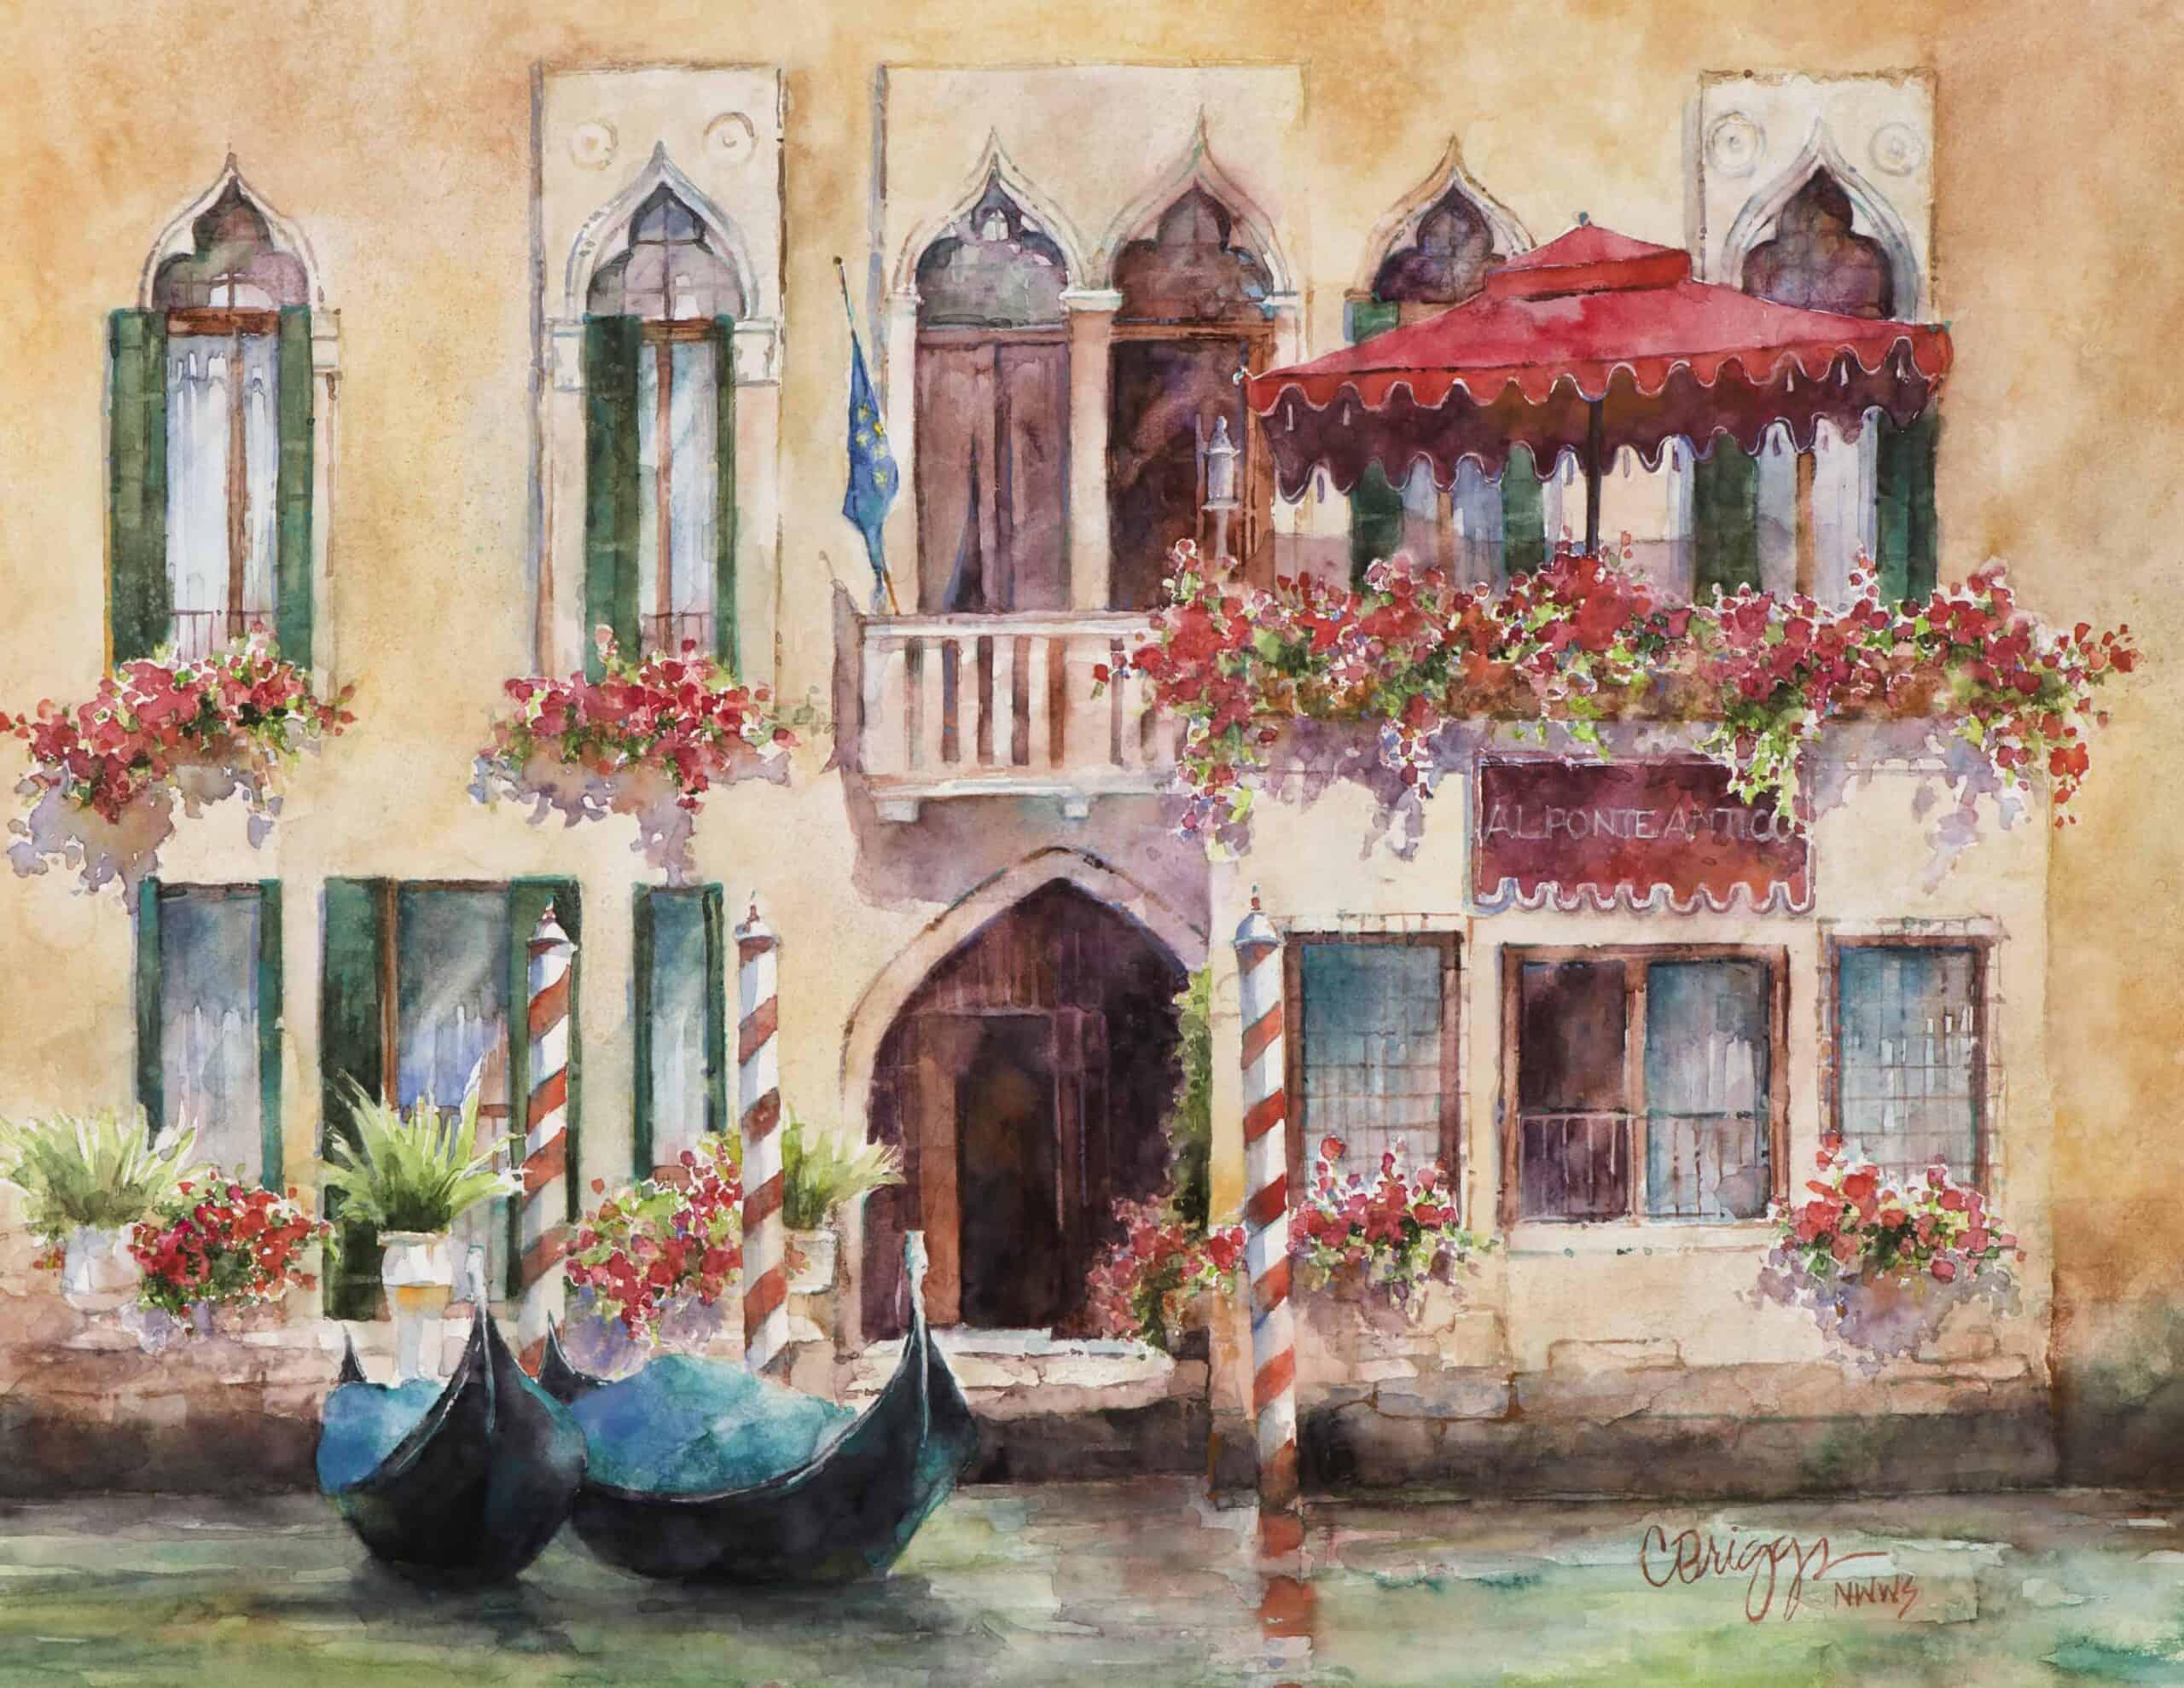 Venezia Antico, Venezia Antico